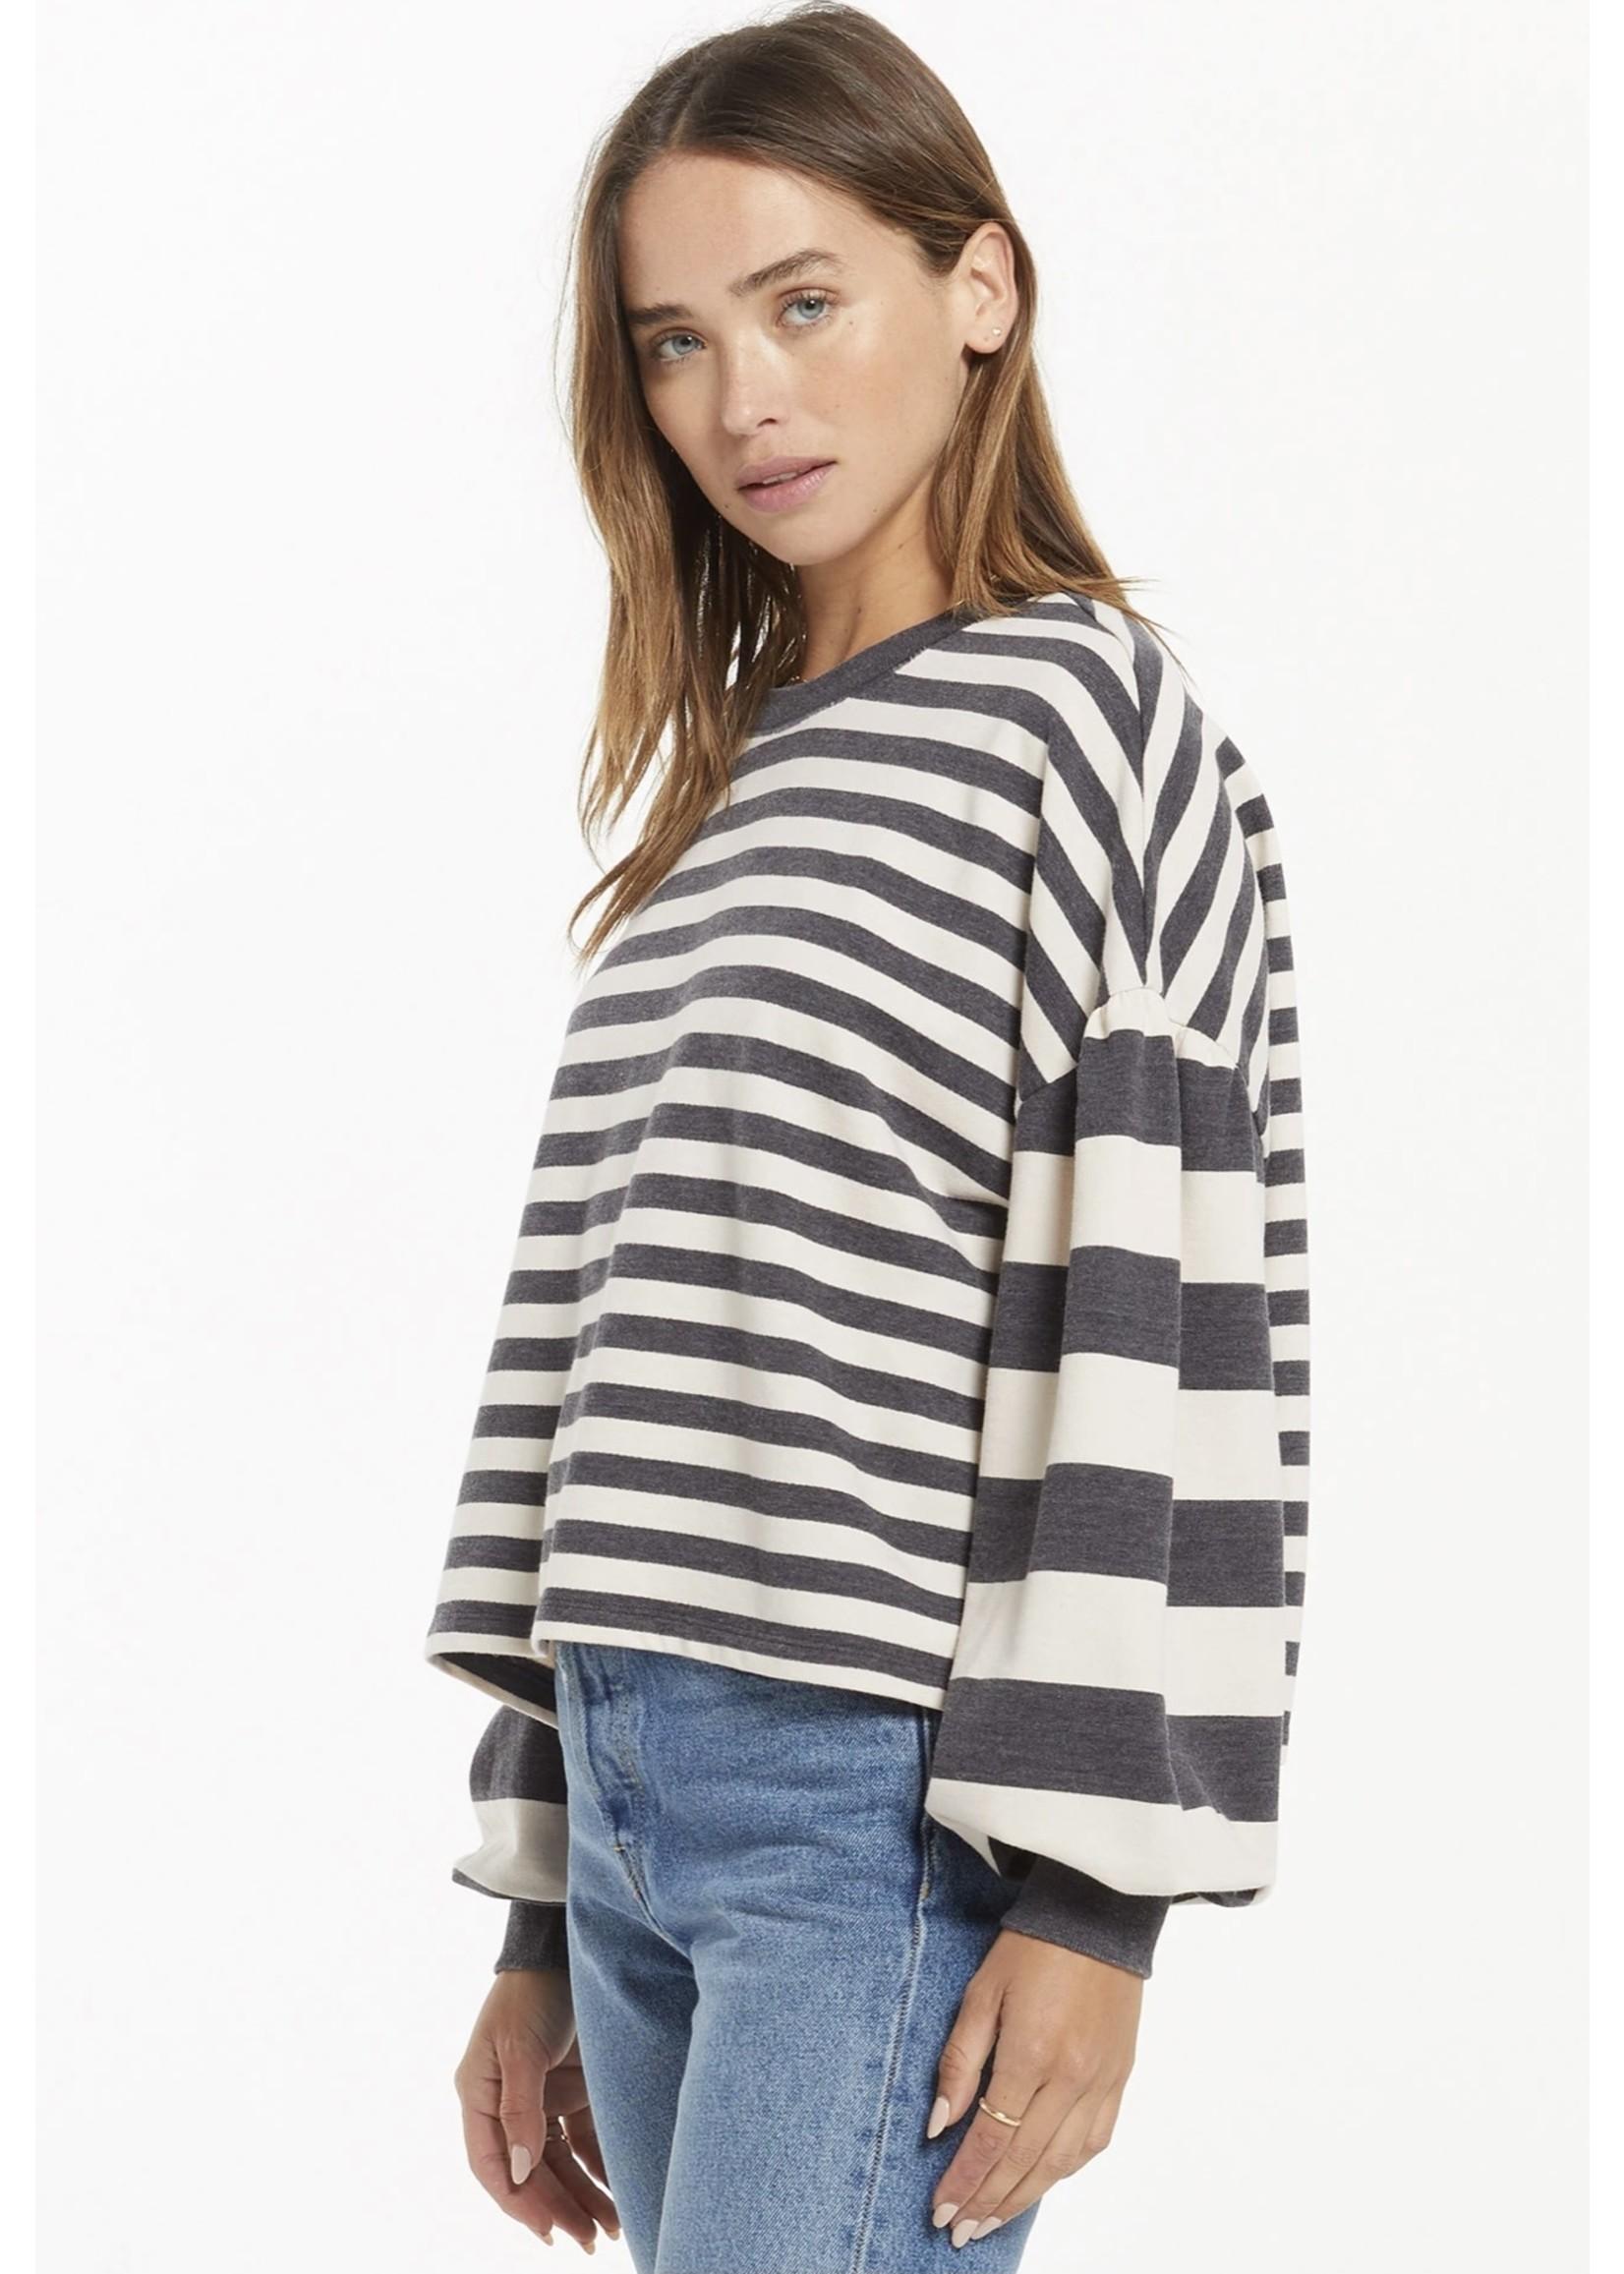 Z Supply Tempest Striped Sweatshirt - ZT213122